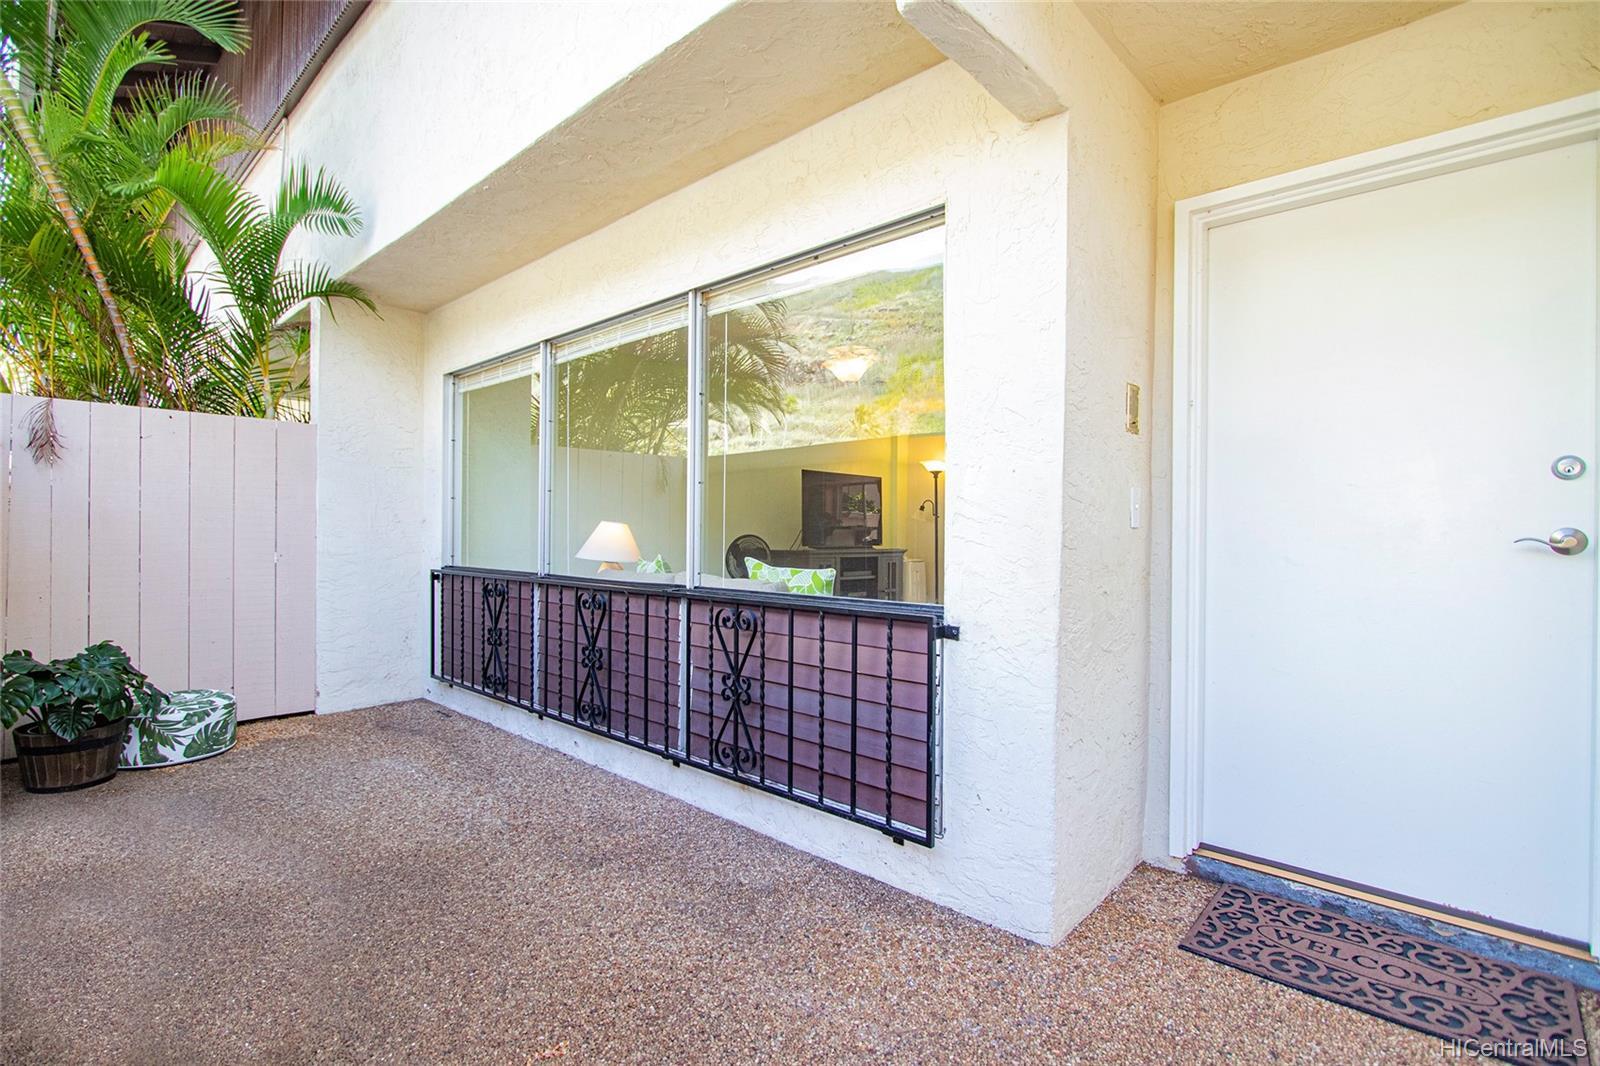 6225 Kawaihae Place townhouse # C101, Honolulu, Hawaii - photo 3 of 25